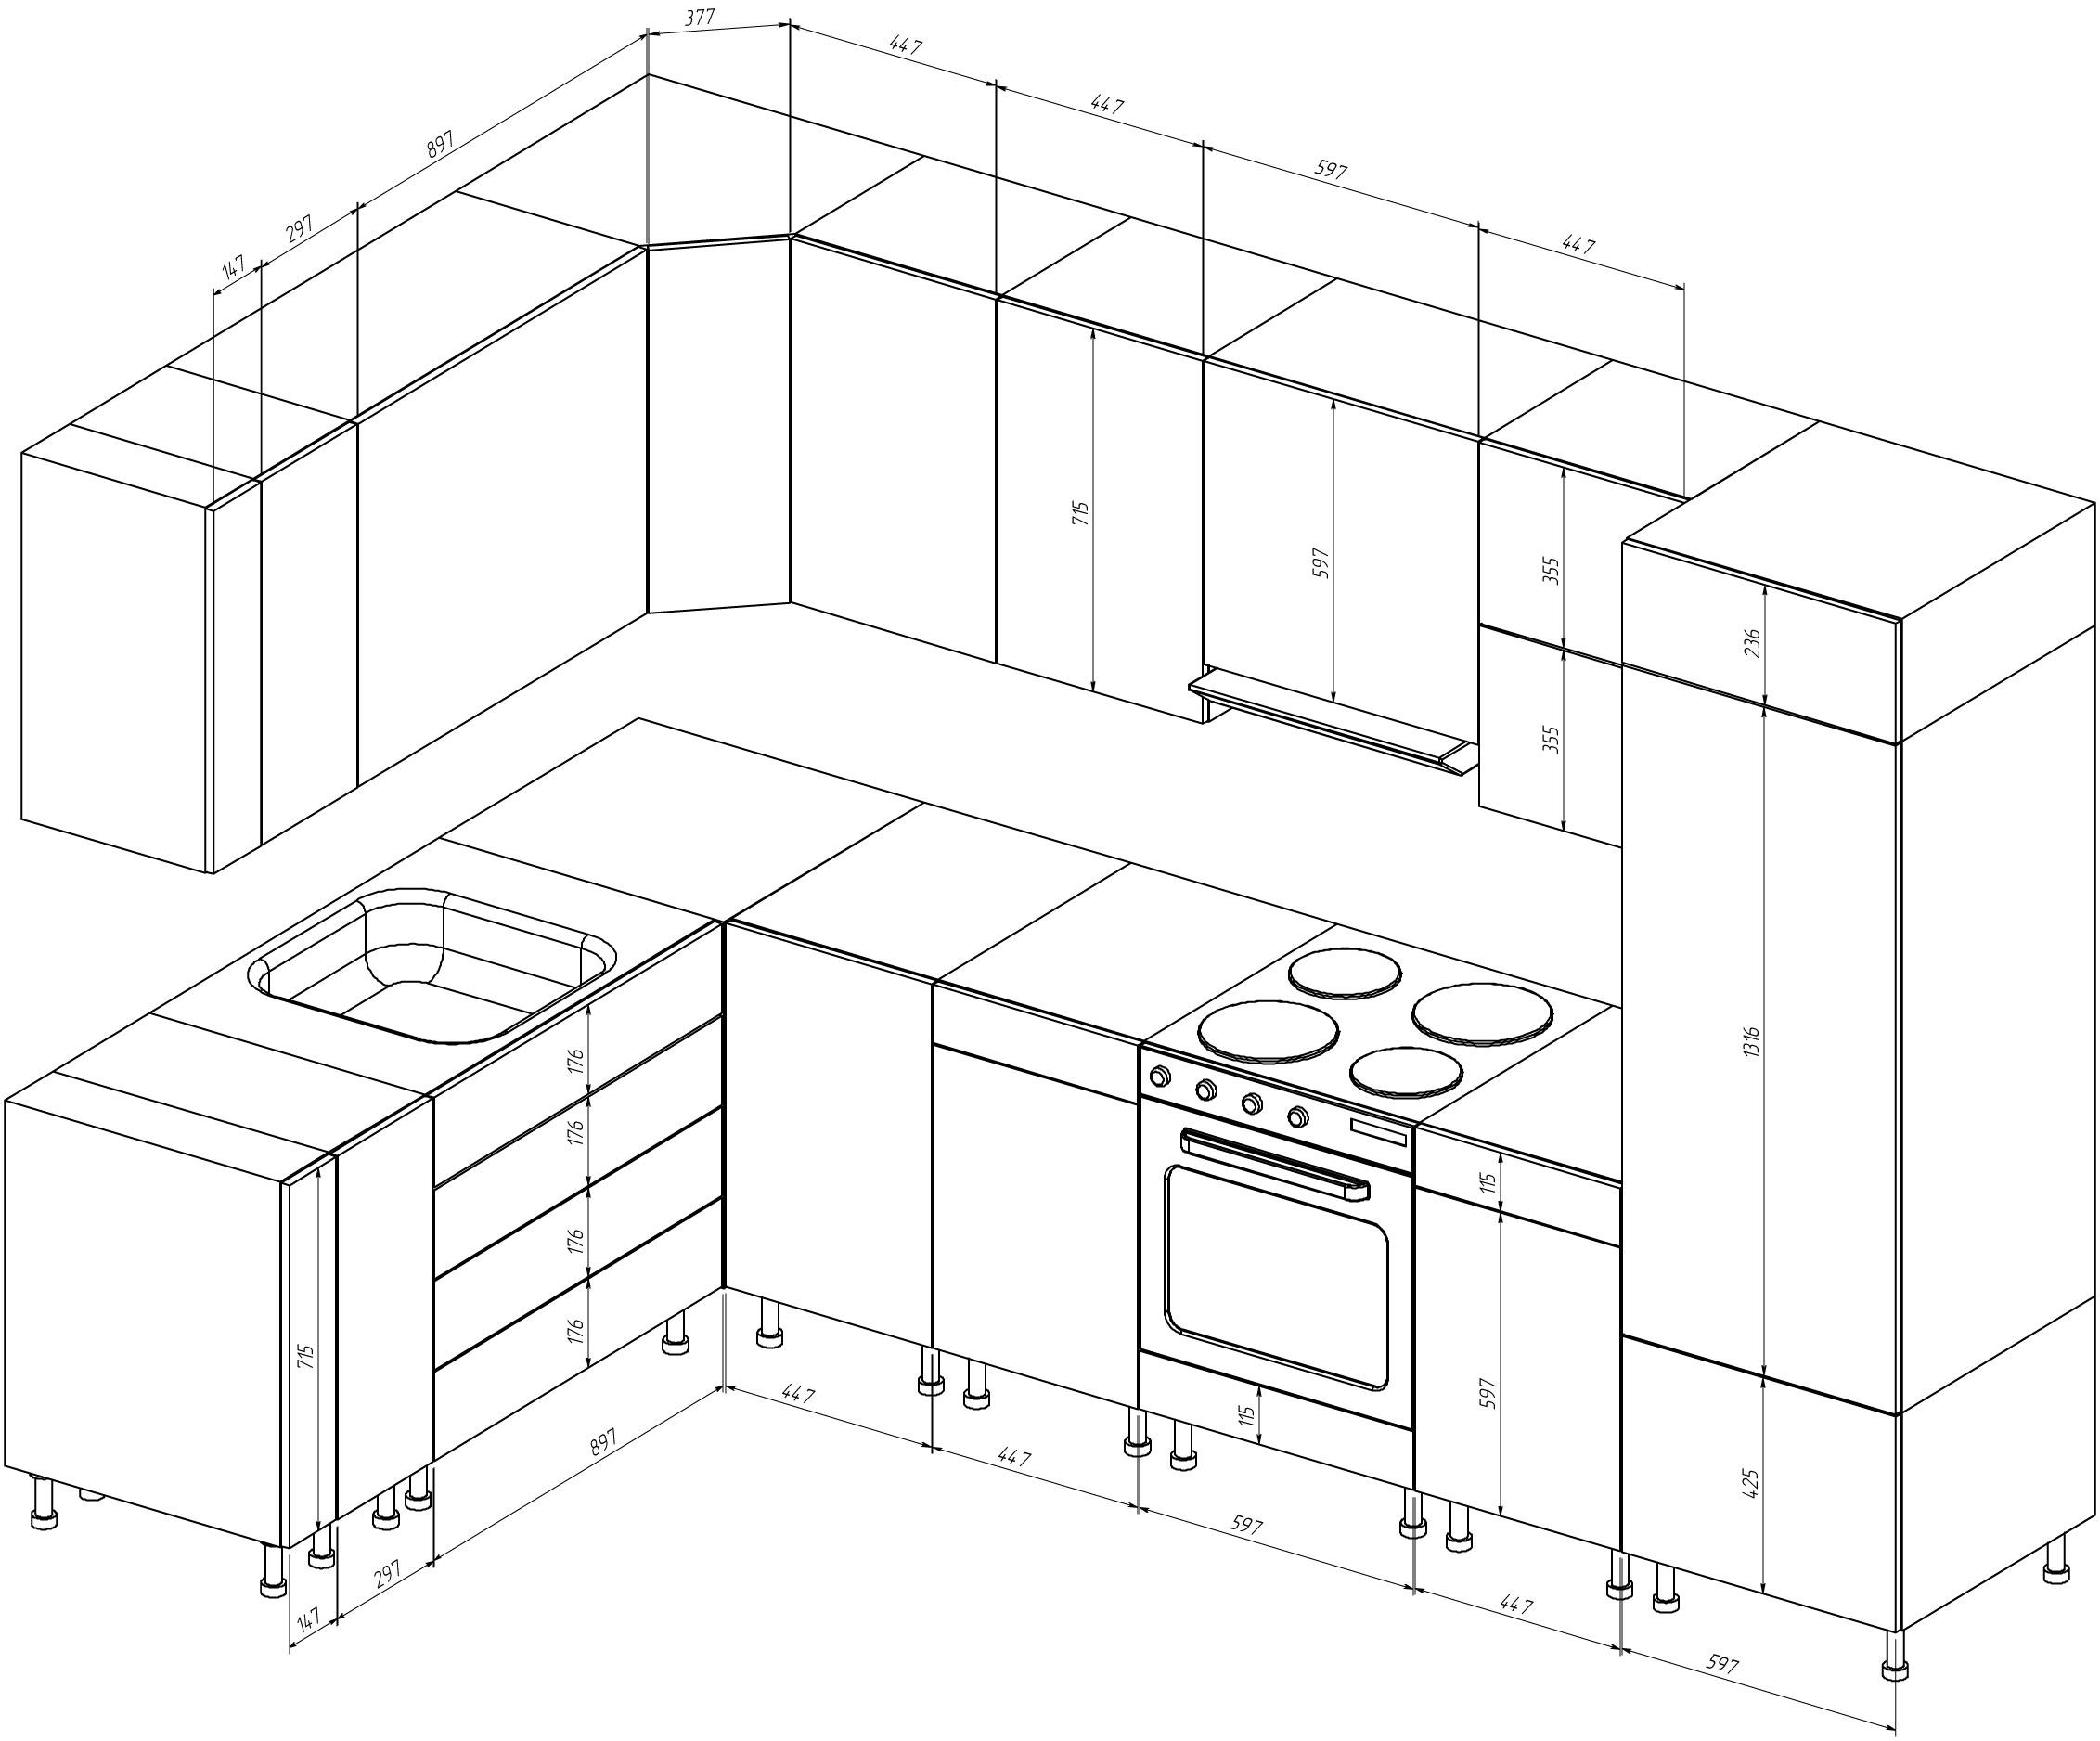 Чертежи и размеры кухонной мебели своими руками 87